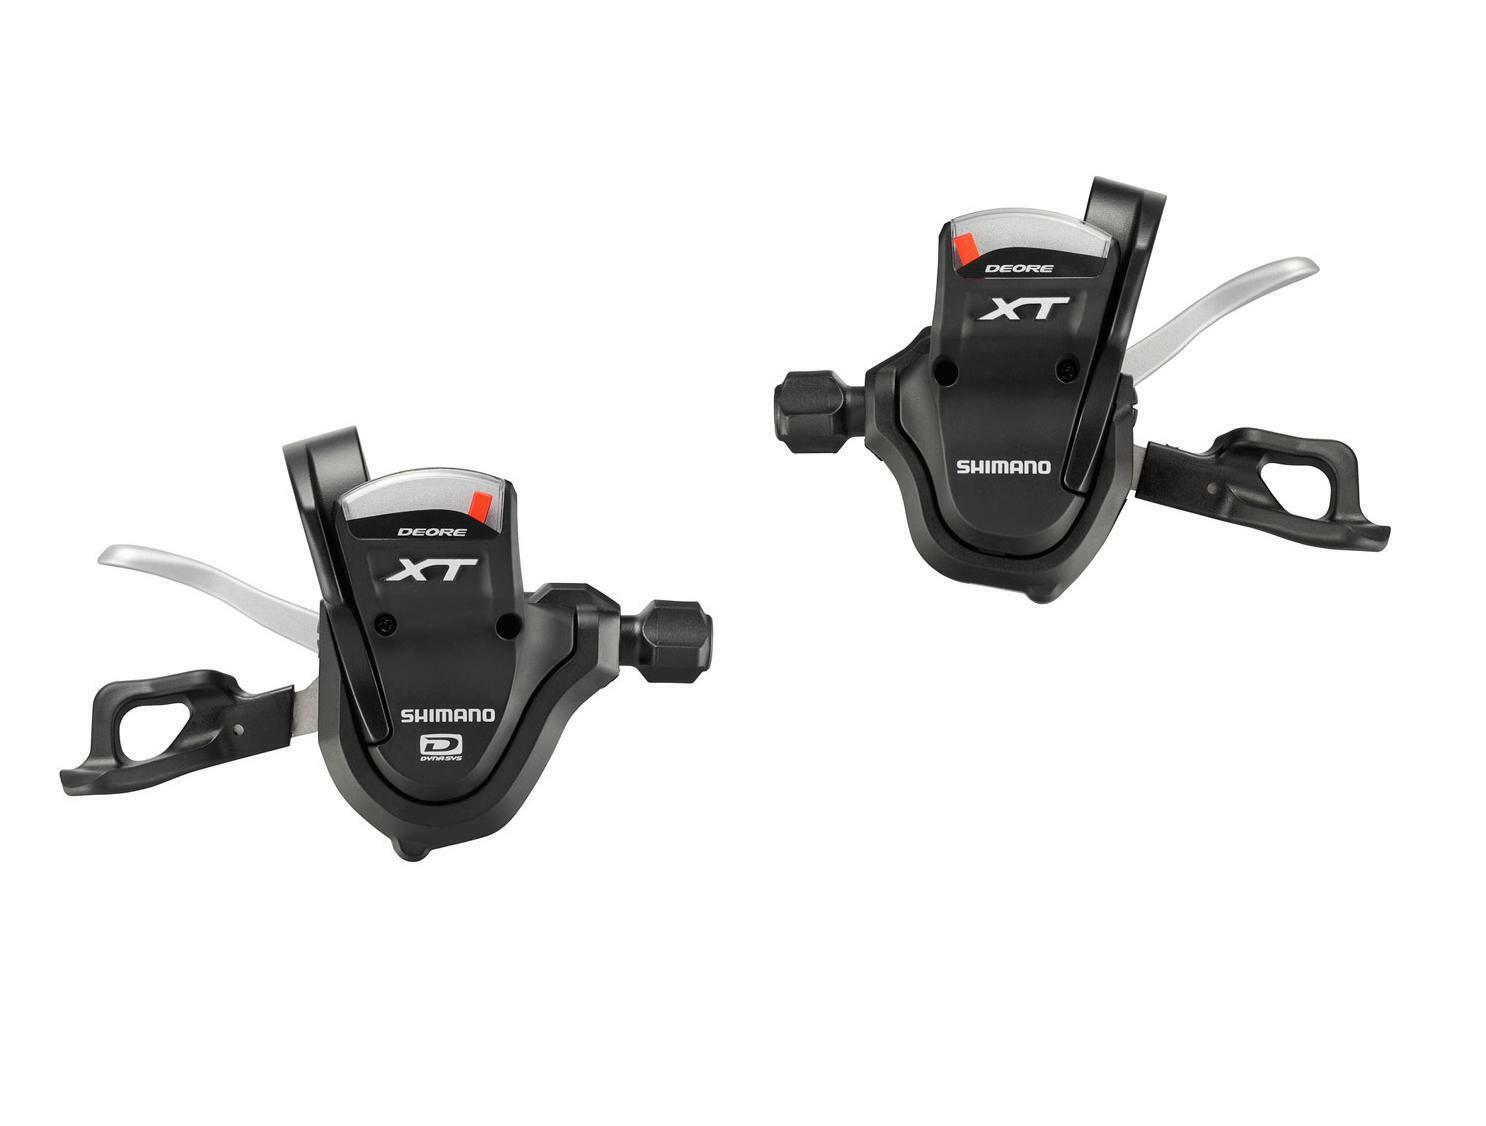 Shimano, unidad de conmutación, XT, sl-m780, 2 3x10 - especializada palanca shifter